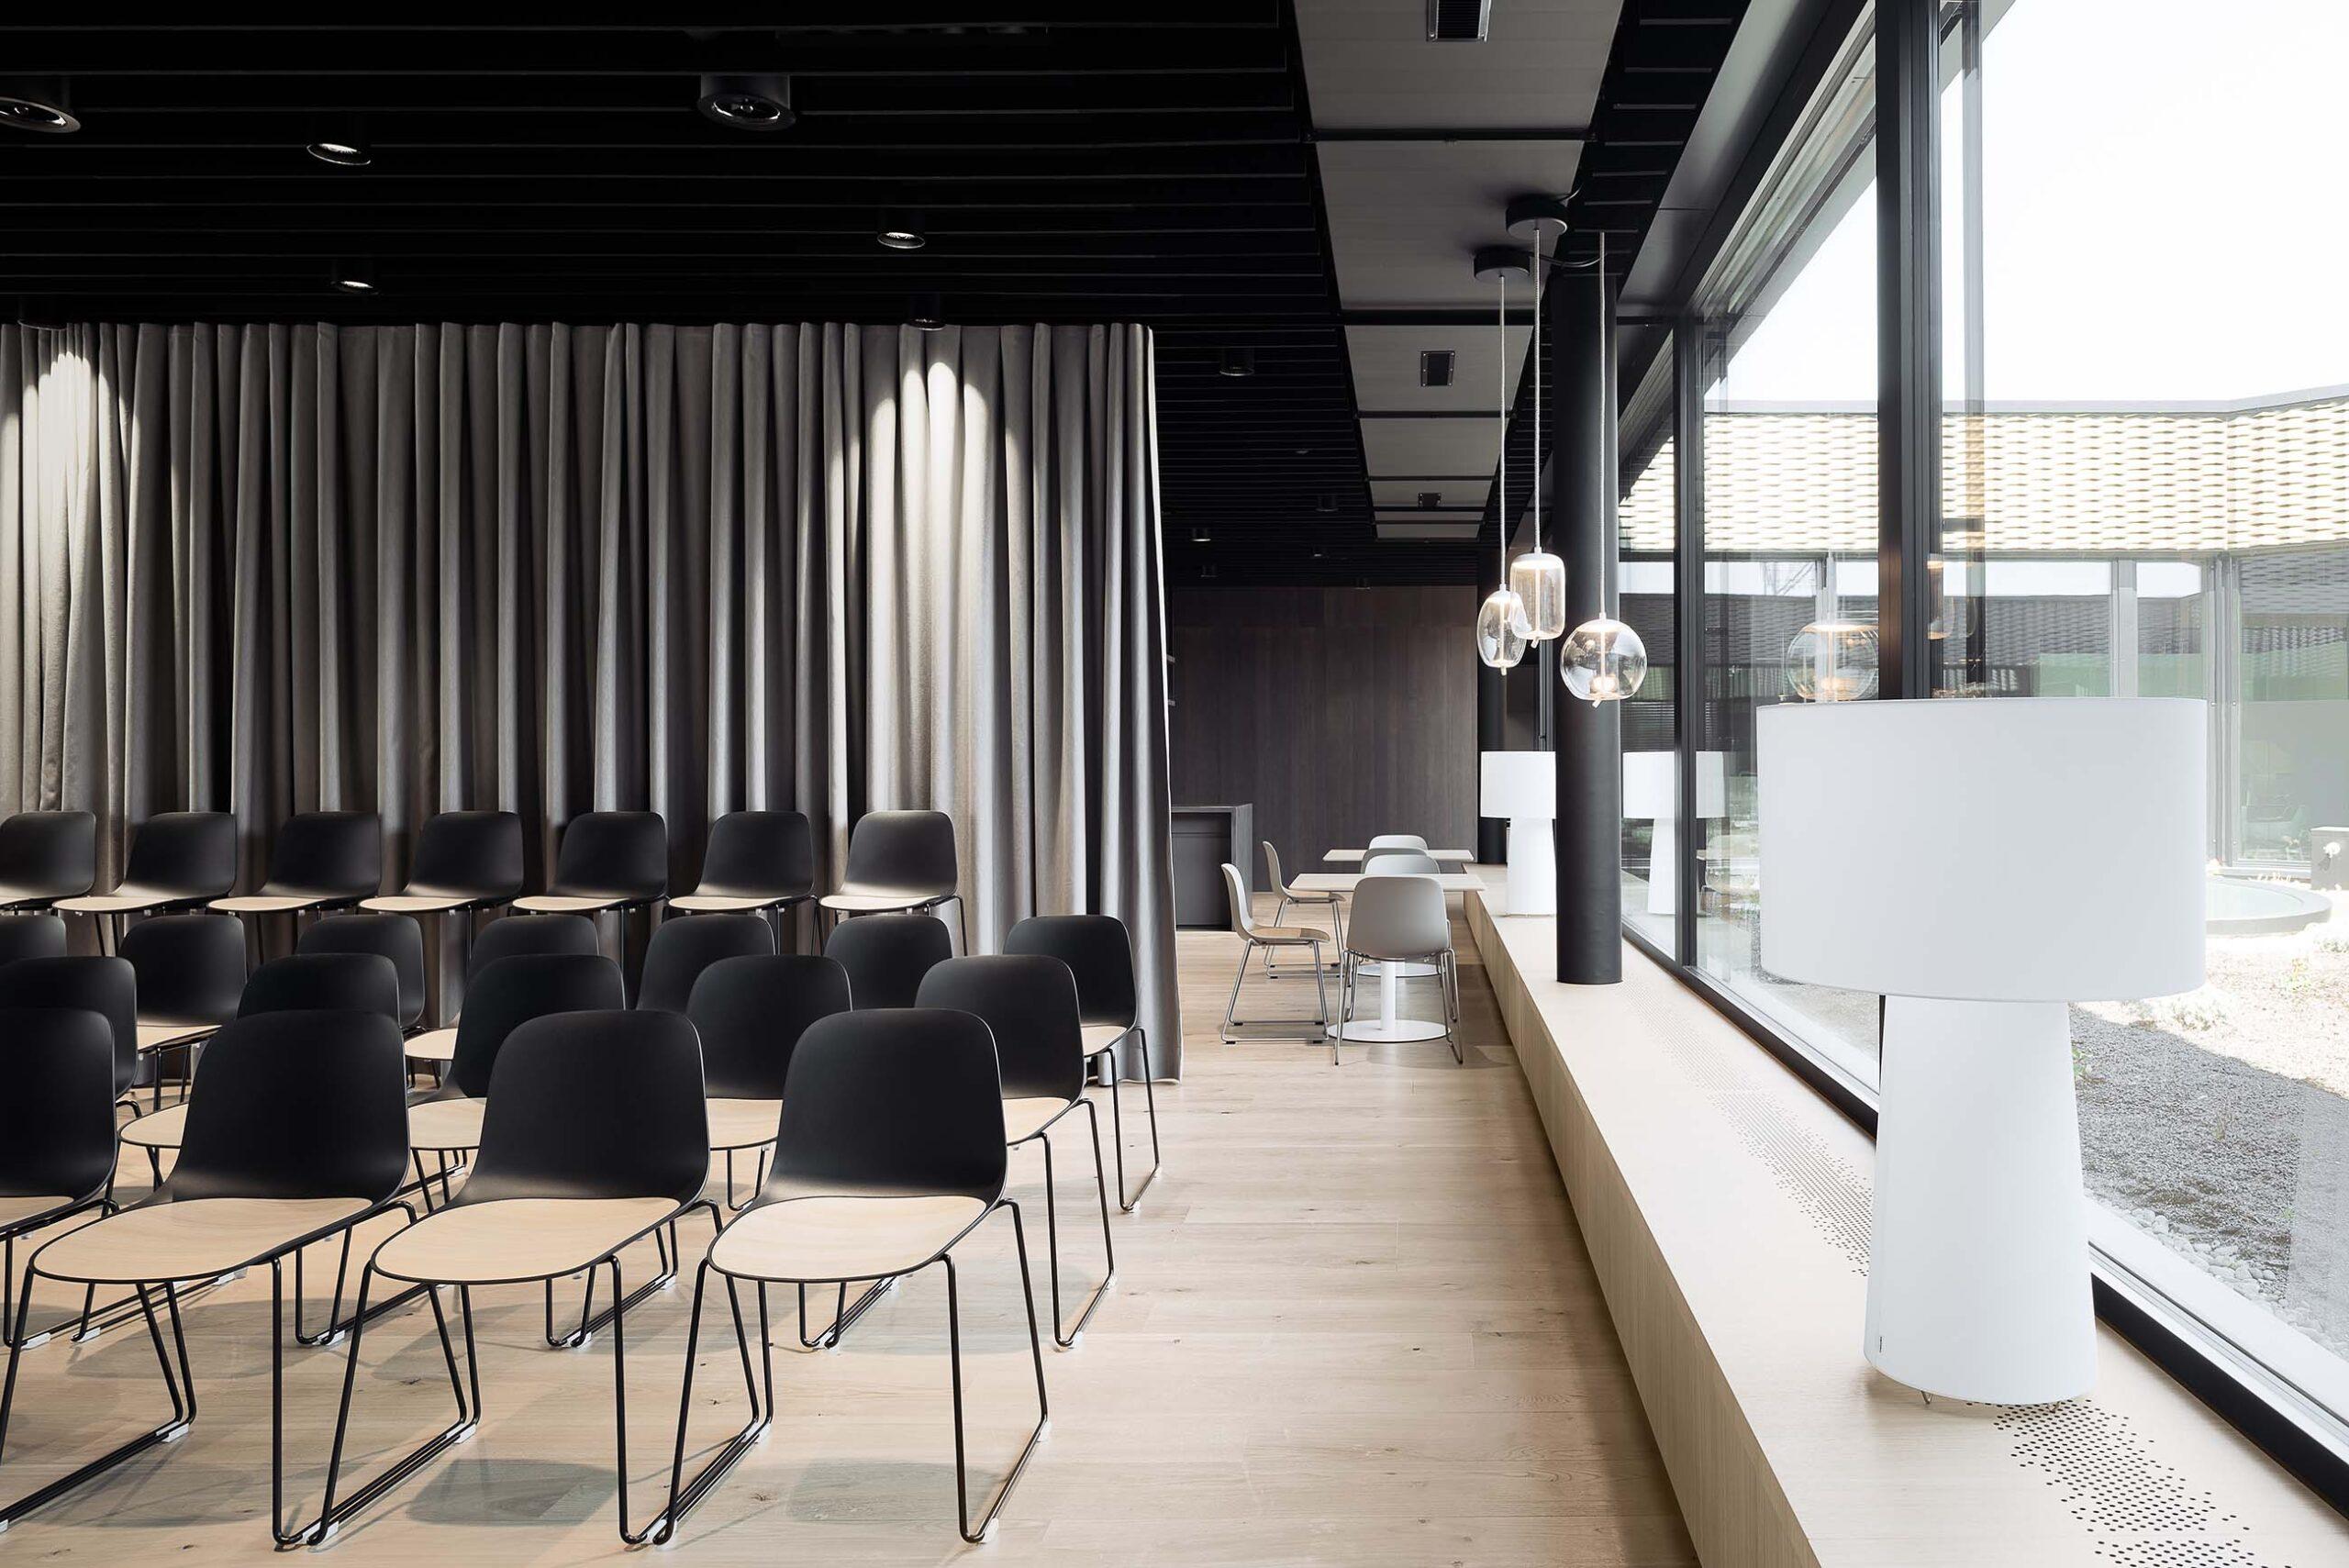 Stuhl Seela von Lapalma in Büroräumlichkeiten von Fortimo